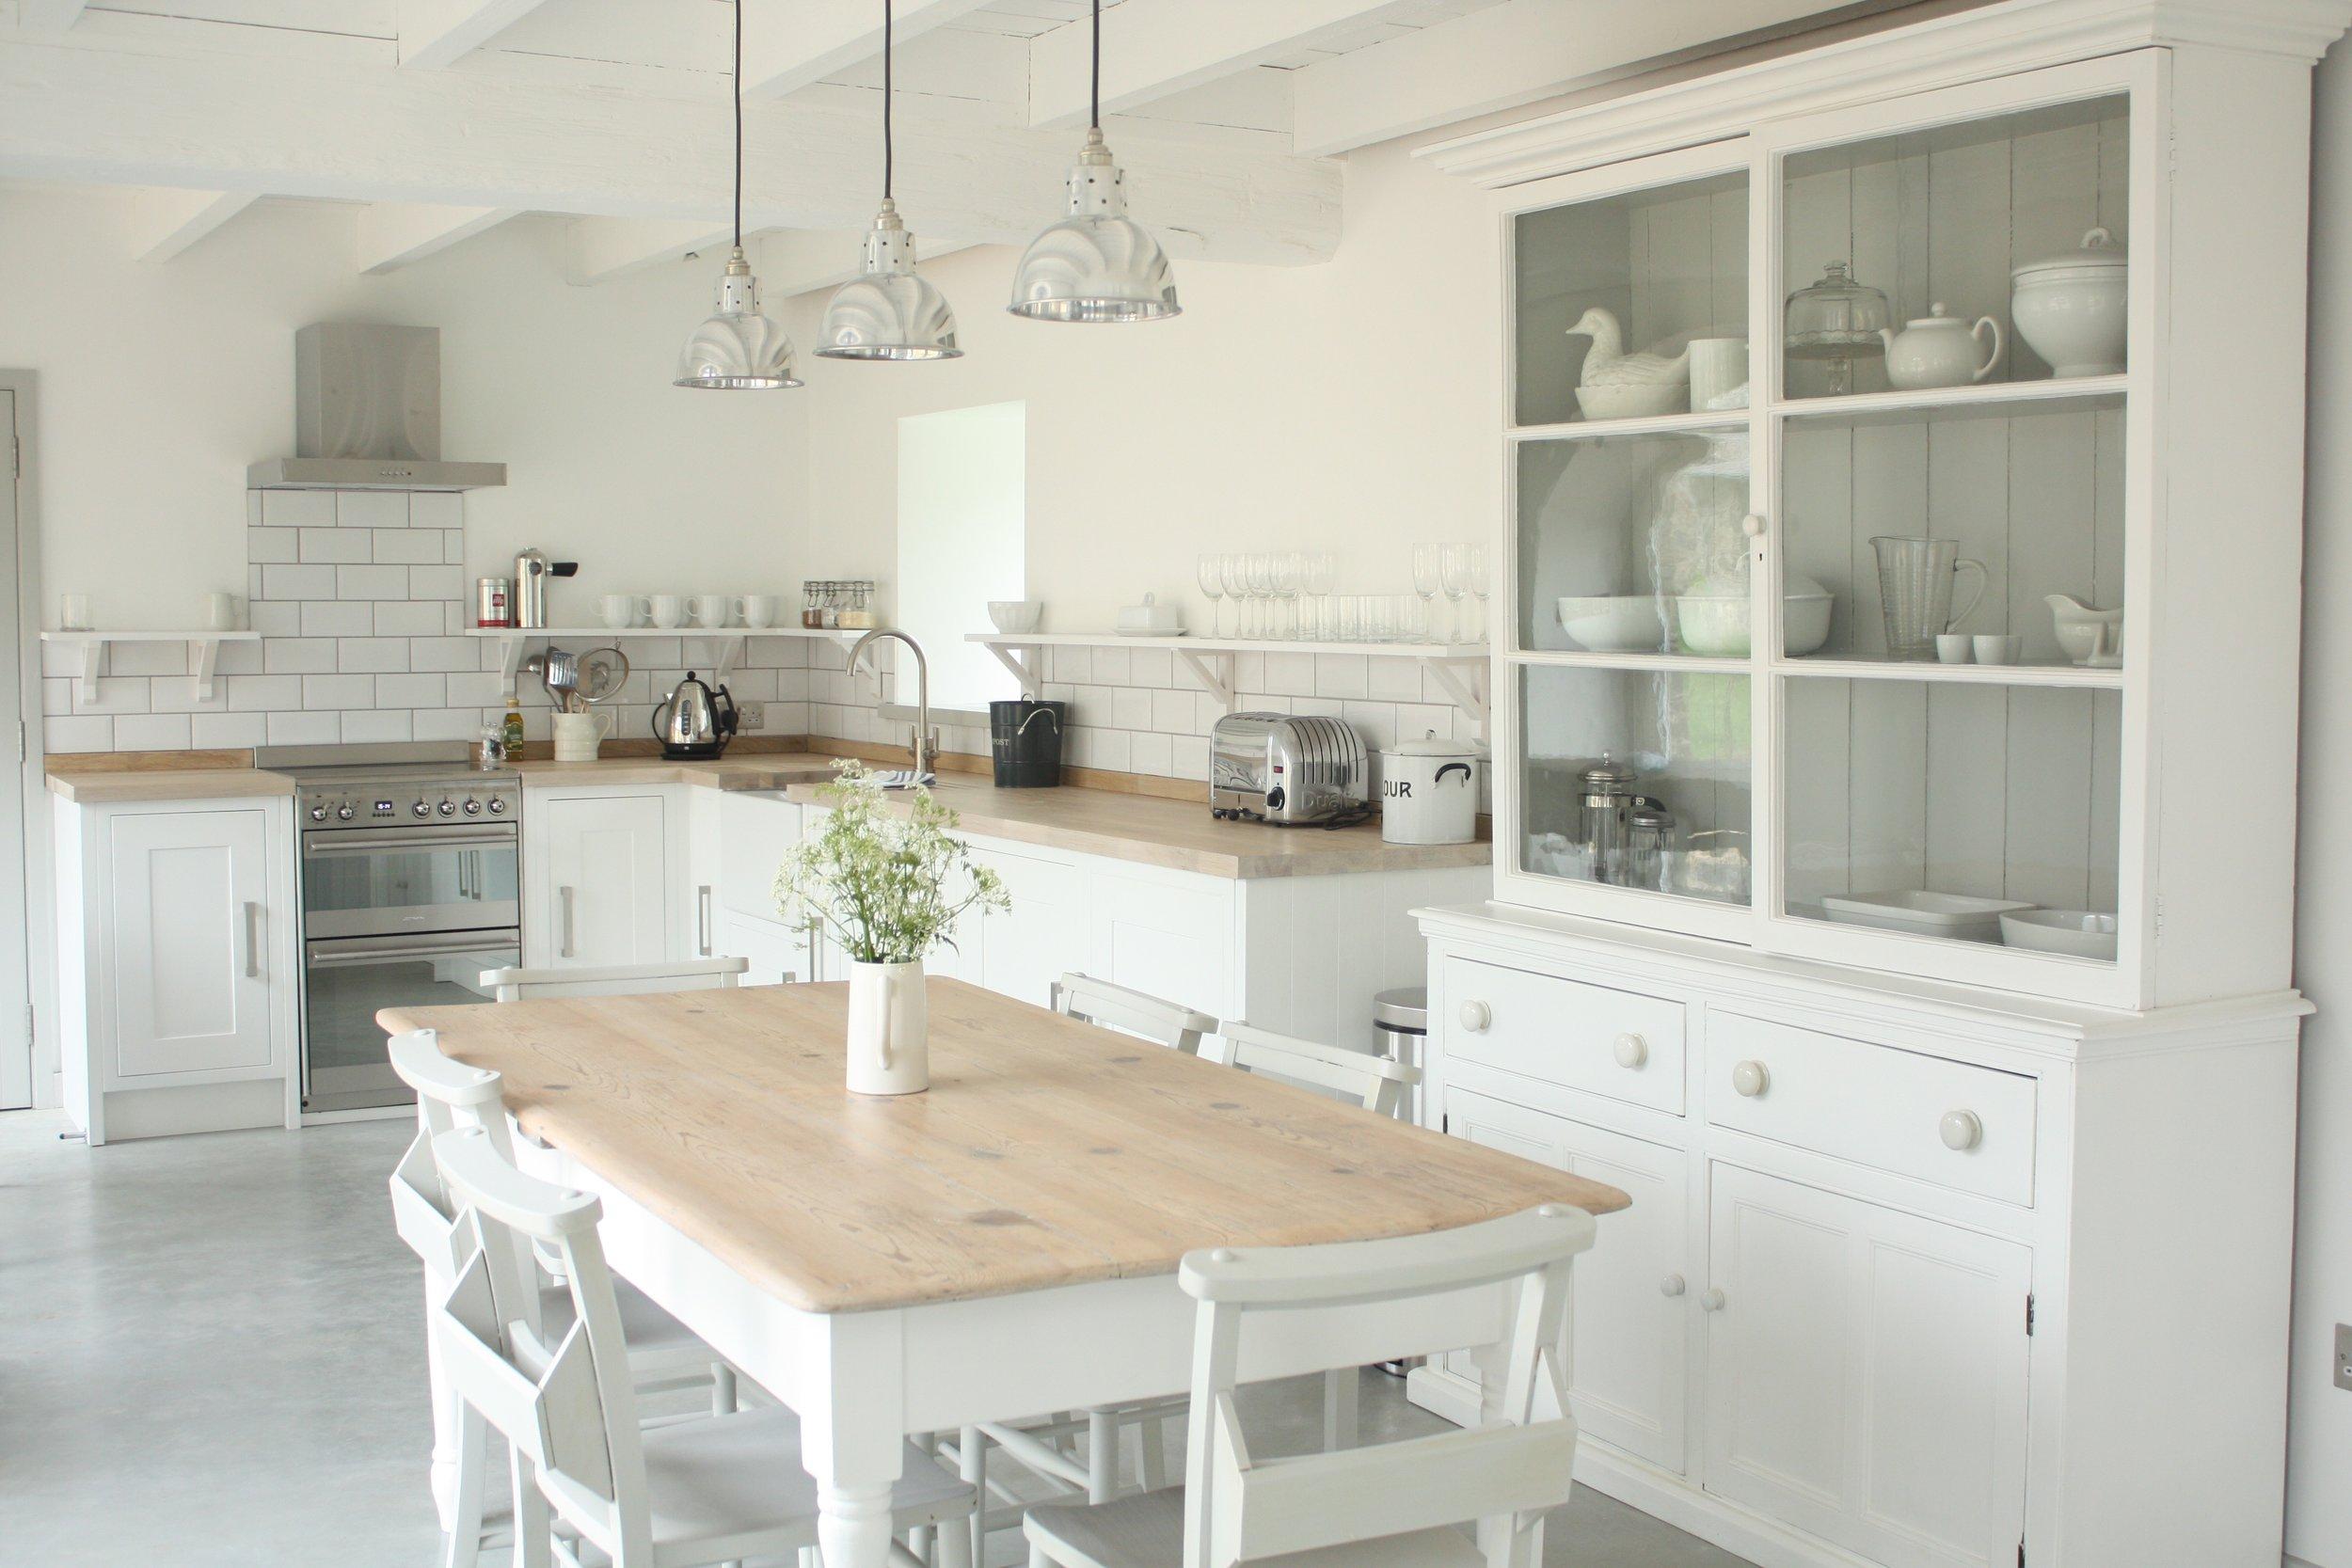 Upcott Farm Calfshed Kitchen